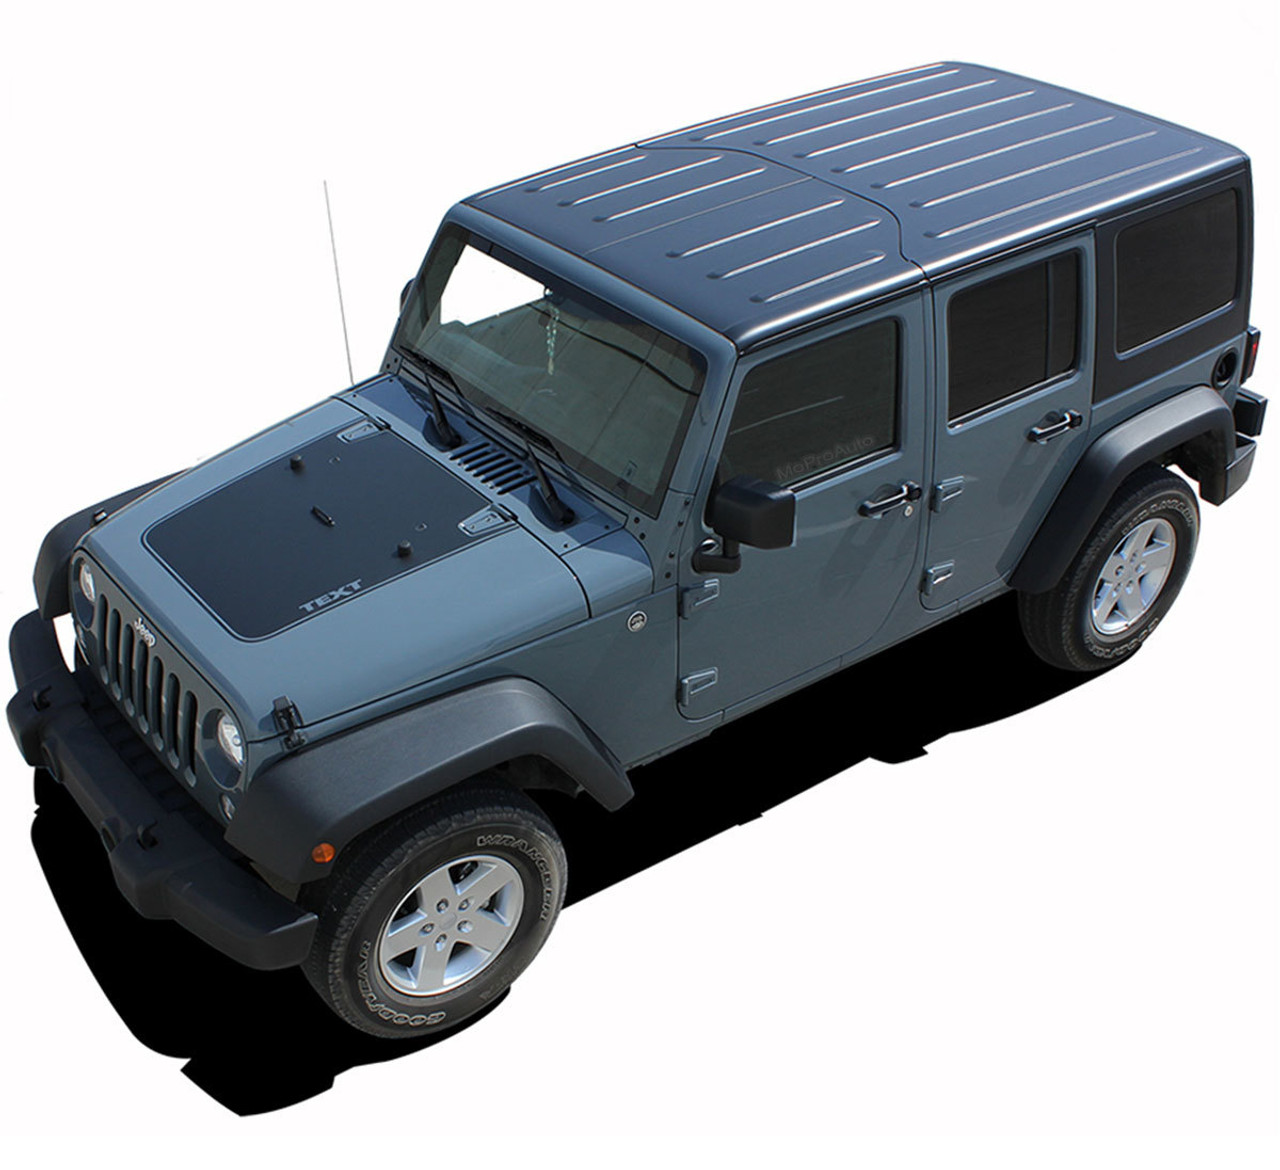 Jeep Wrangler 2007-2017